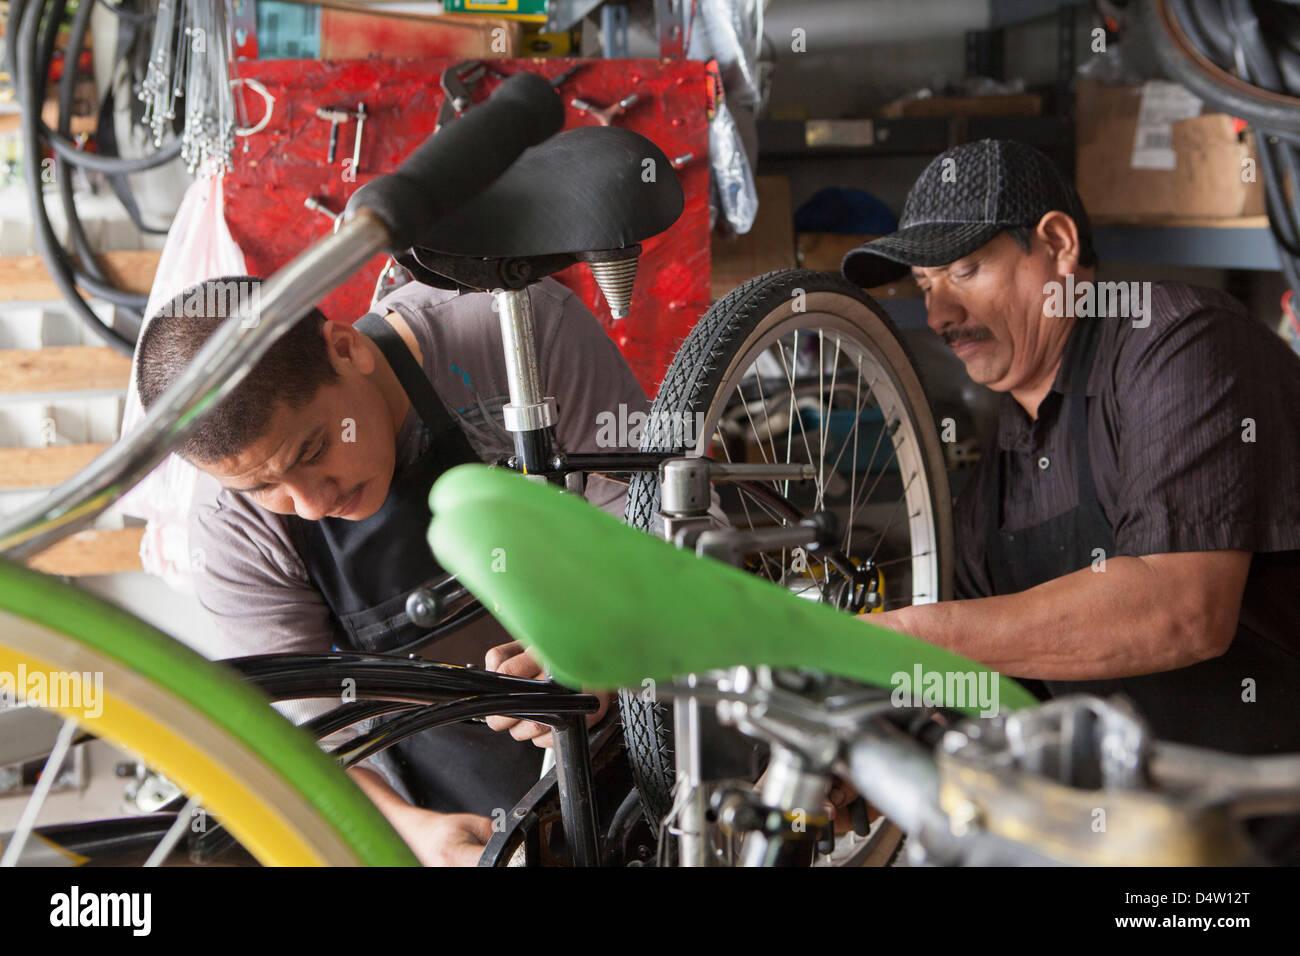 Mecánica trabajando en la tienda de bicicletas Imagen De Stock